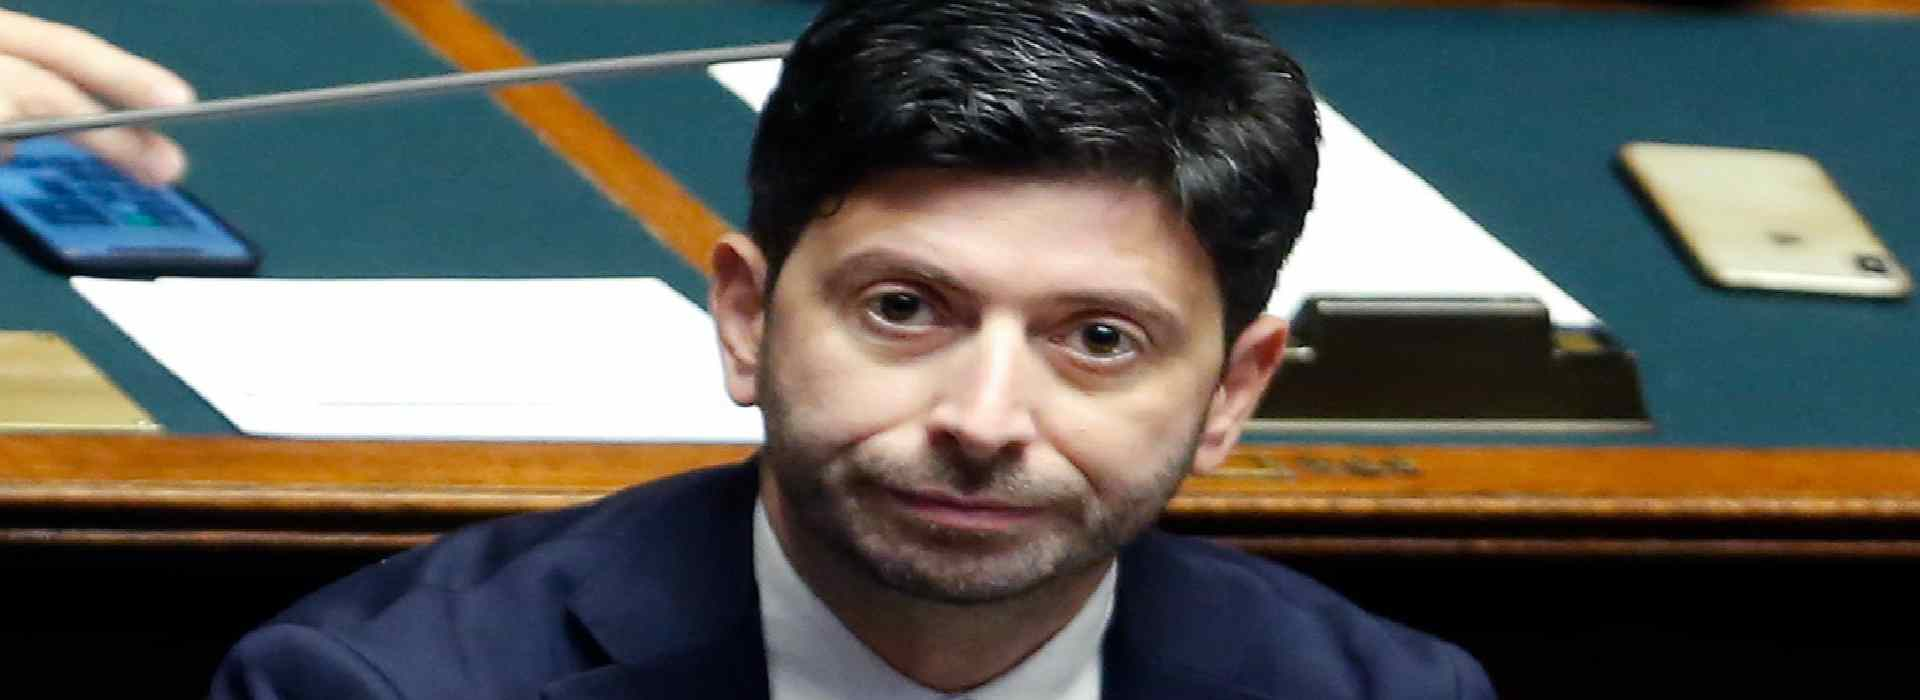 Roberto Speranza, il ministro dell'obbligo vaccinale e del nuovo lockdown